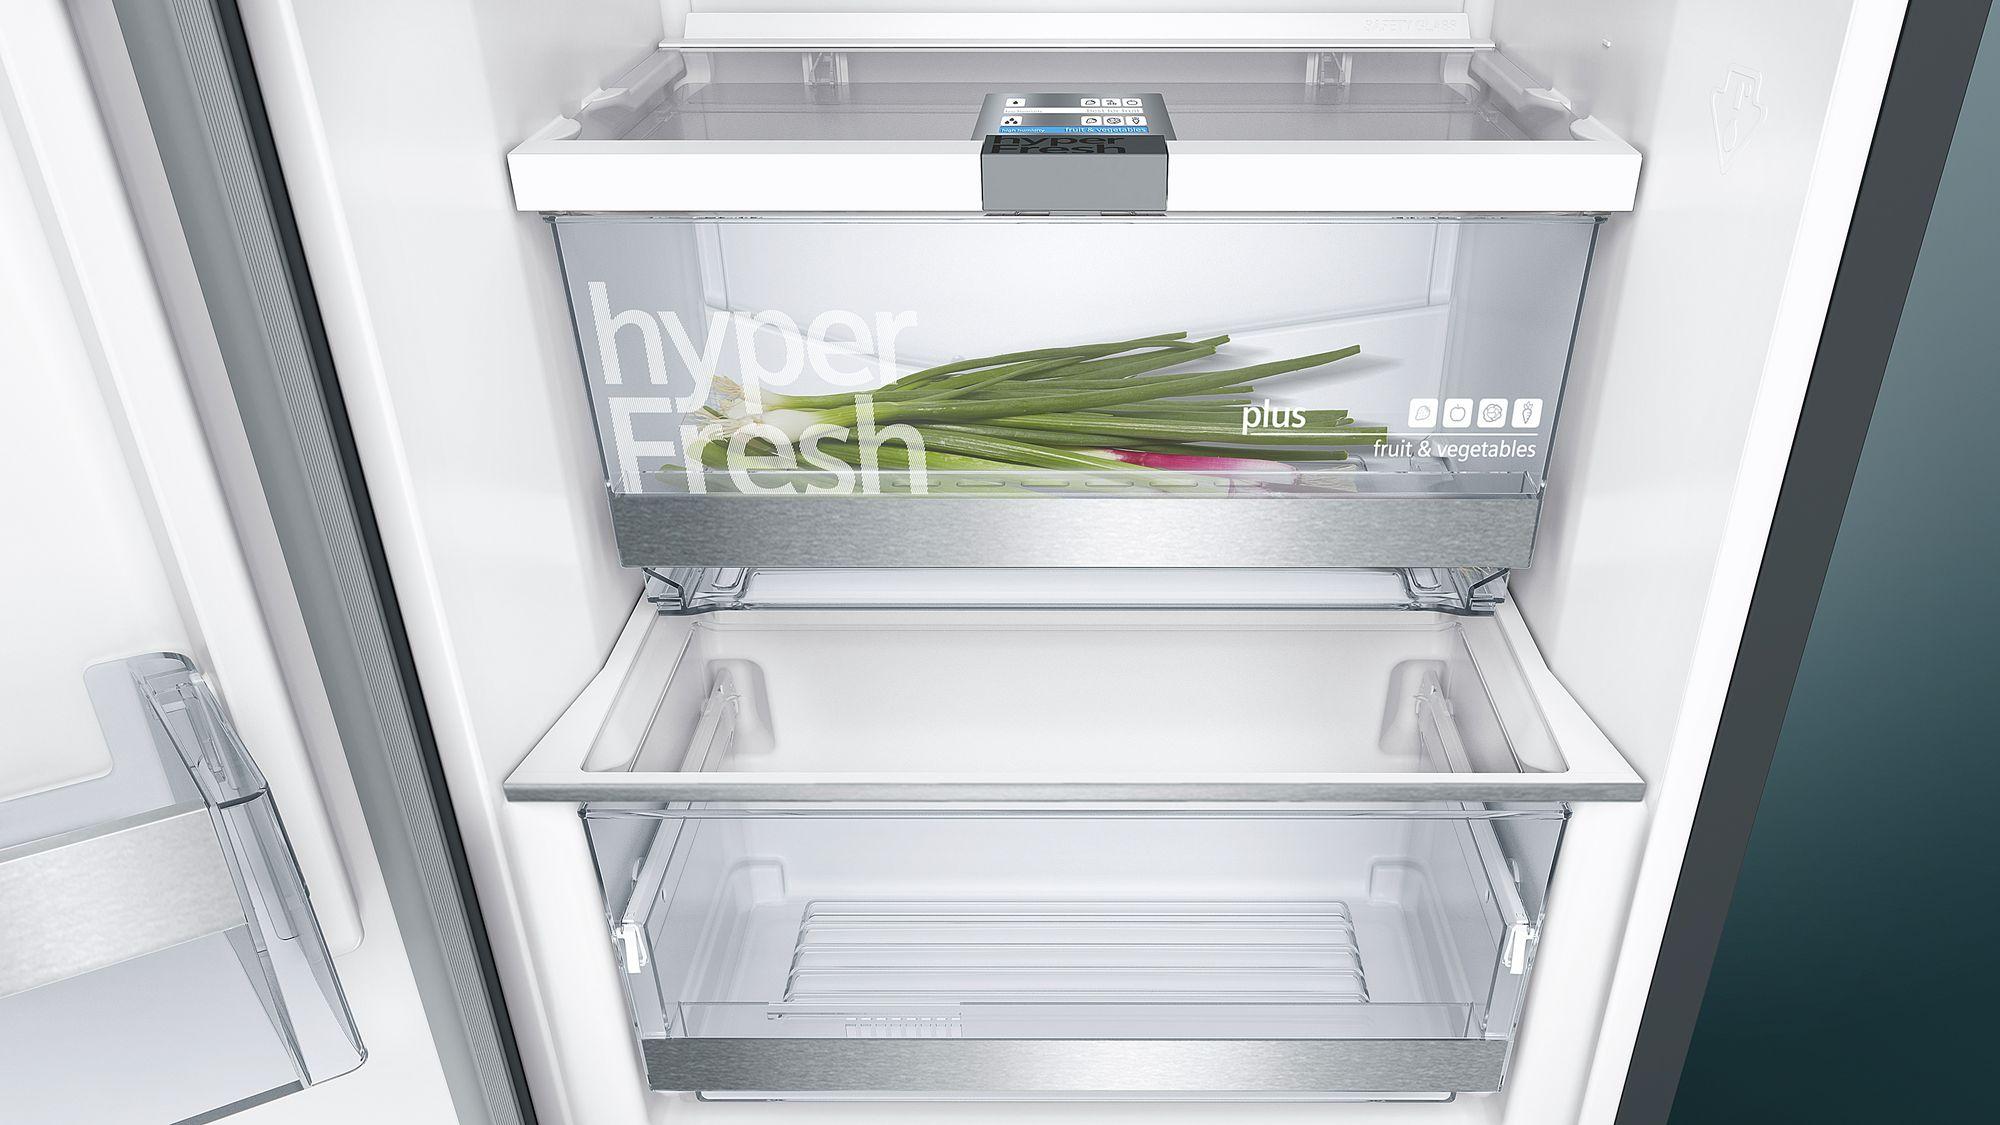 Smeg Kühlschrank Schiefer : Smeg kühlschrank jeans smeg kühlschrank rot retro kühlschrank